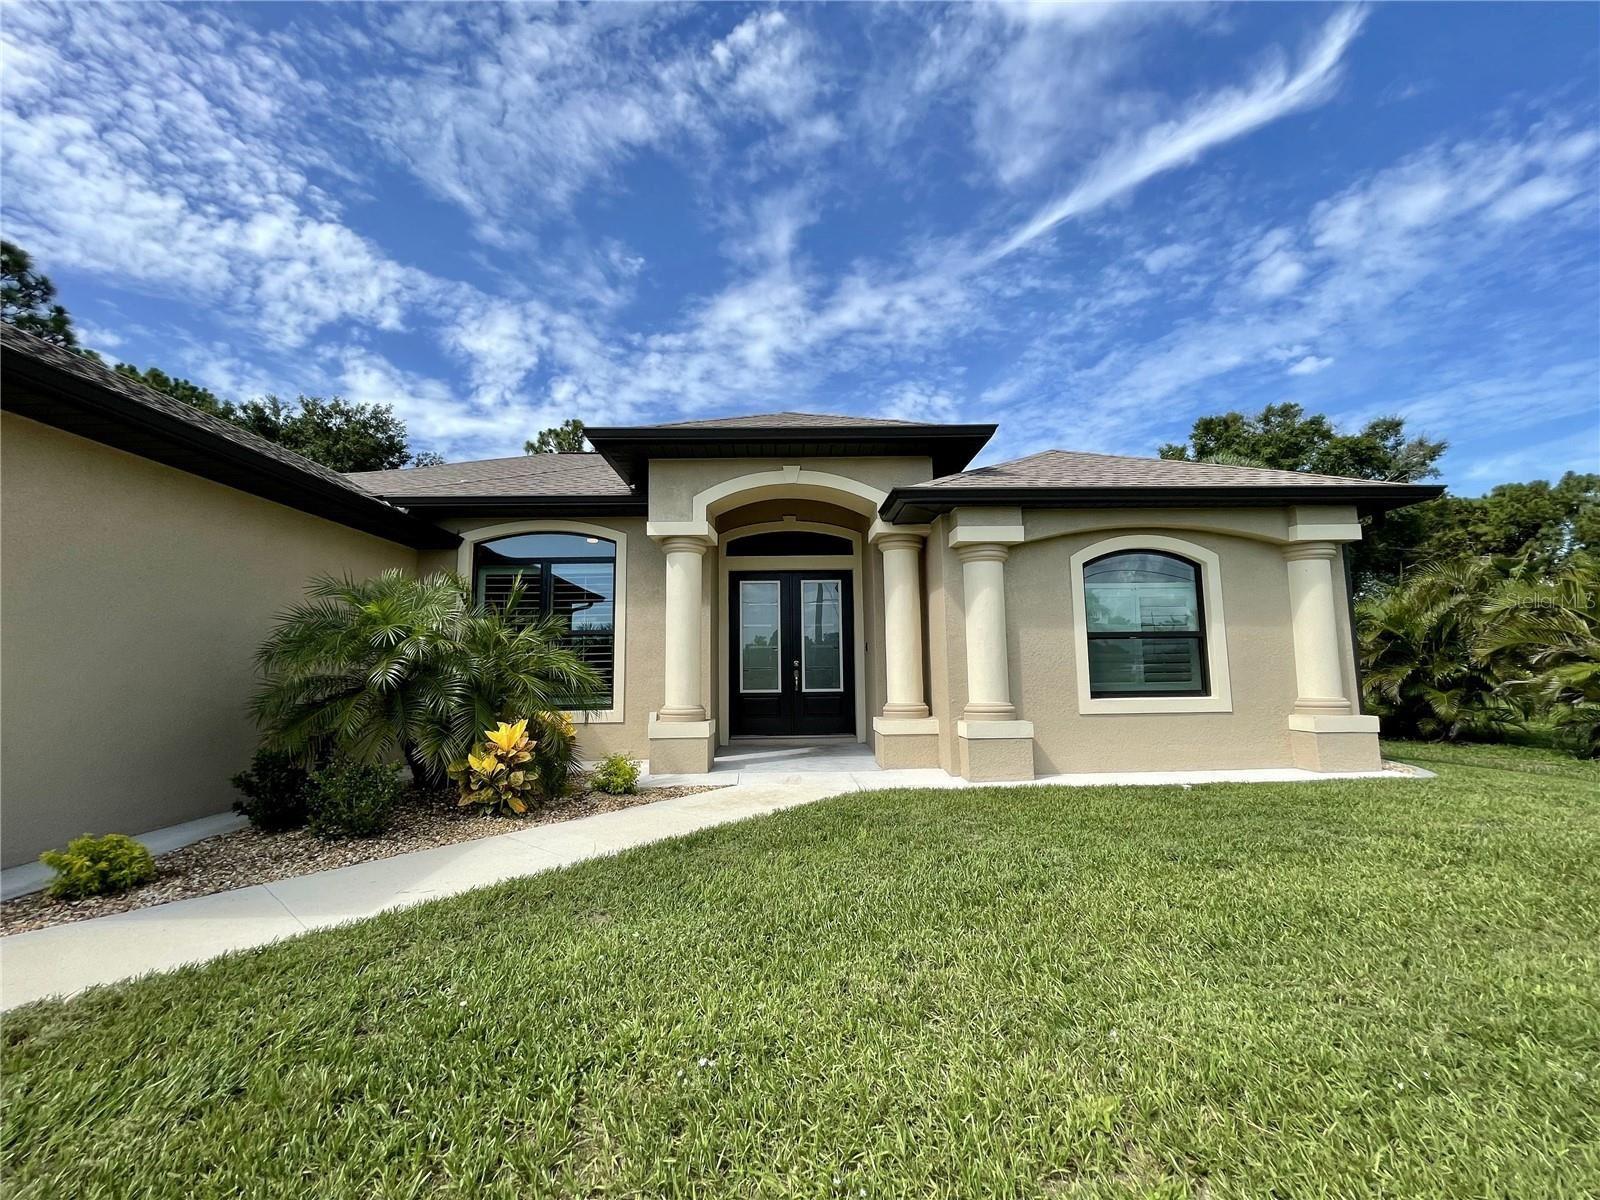 Photo of 678 ROTONDA CIRCLE, ROTONDA WEST, FL 33947 (MLS # D6120198)